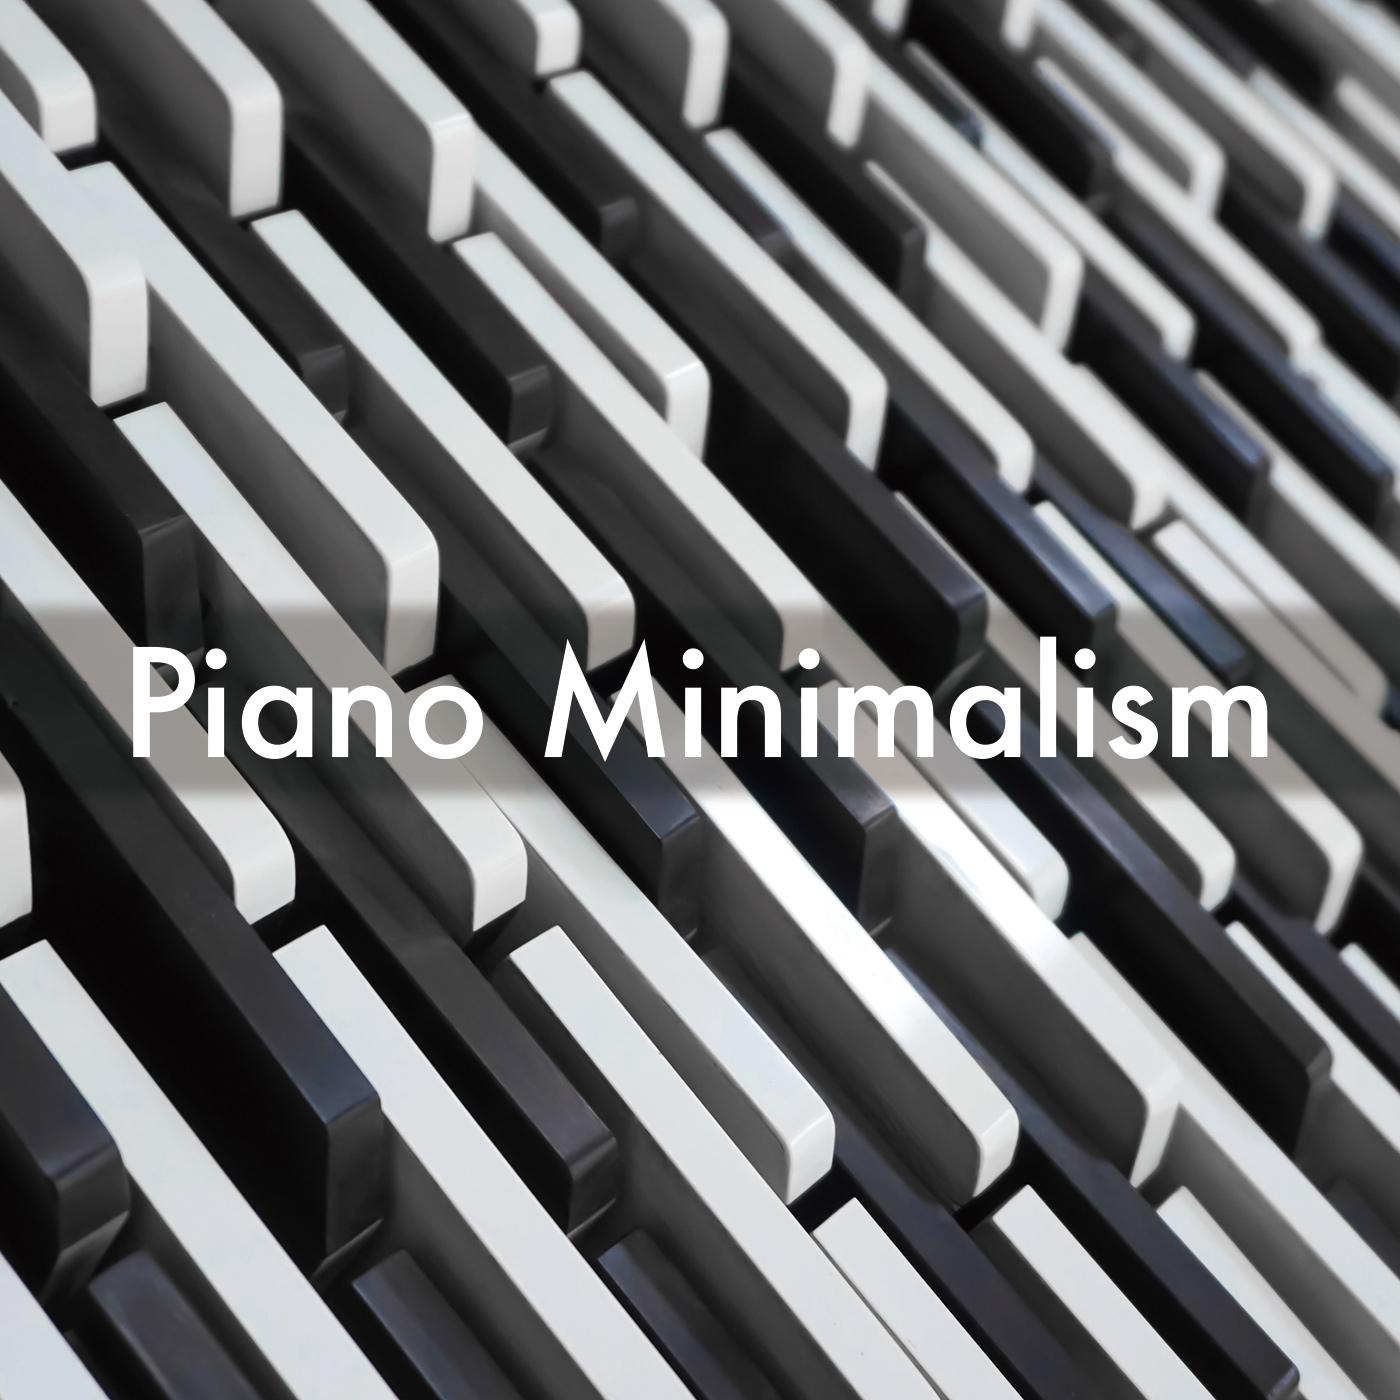 Piano Minimalism